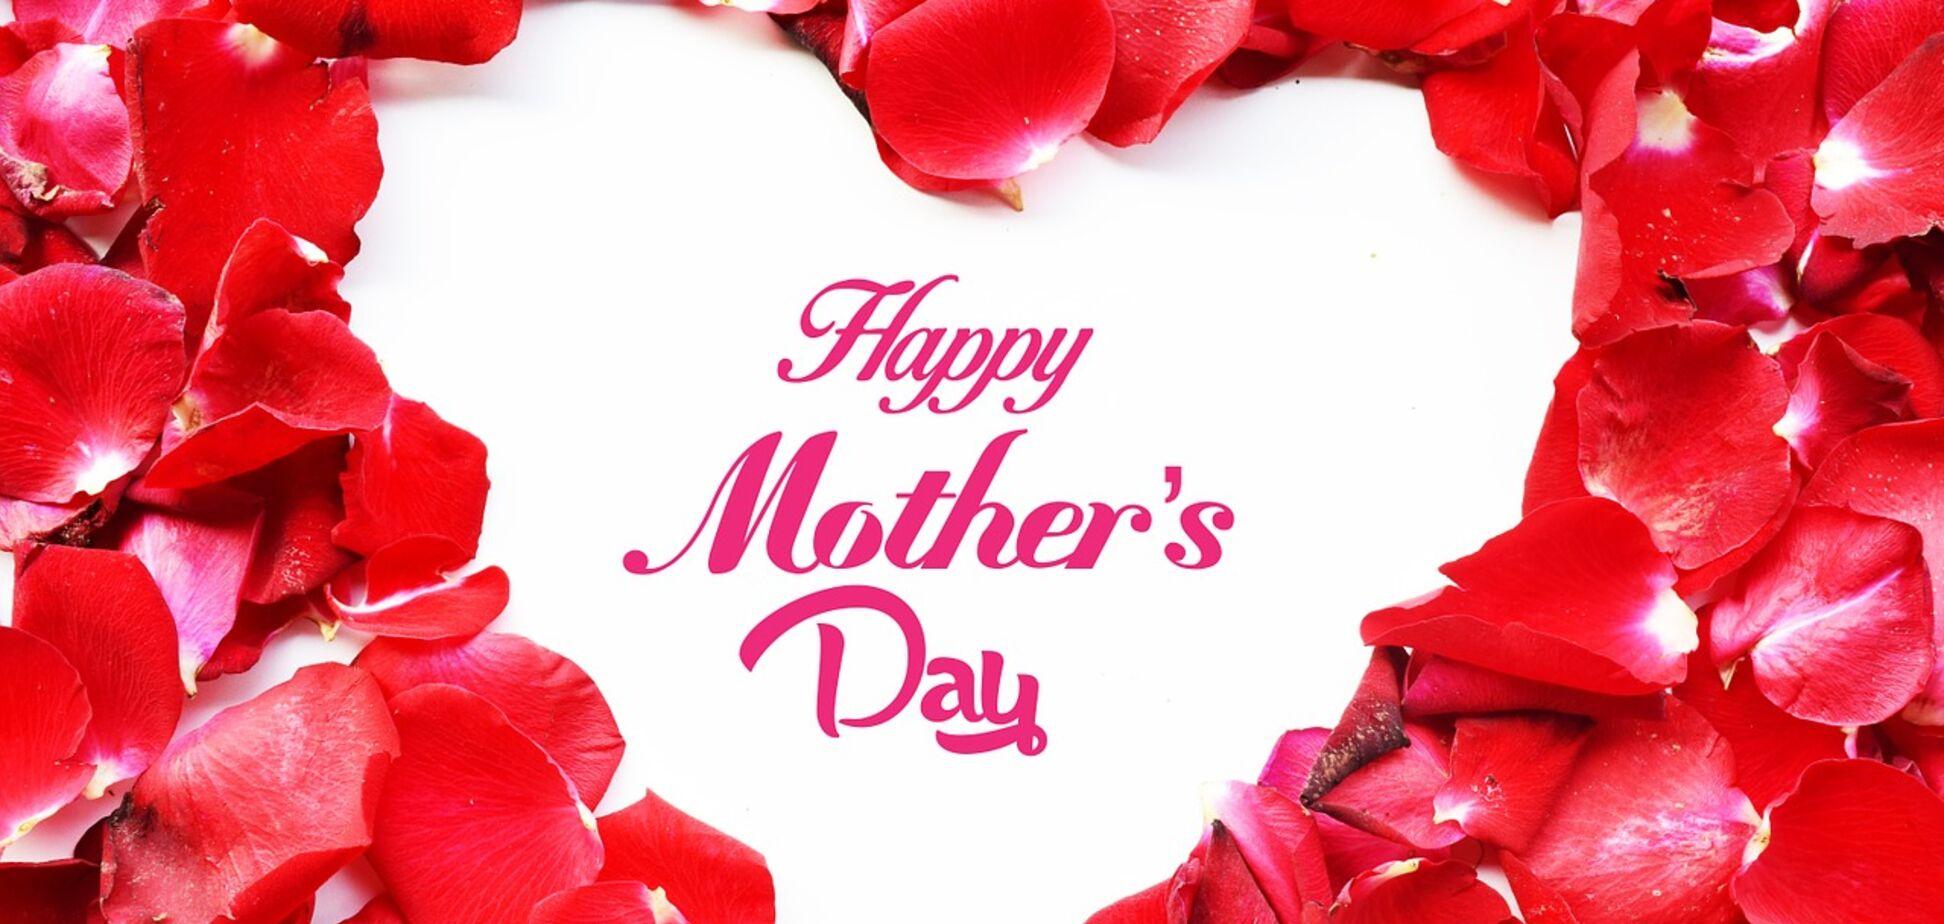 З Днем матері 2020: зворушливі привітання, листівки, відео, вірші та проза